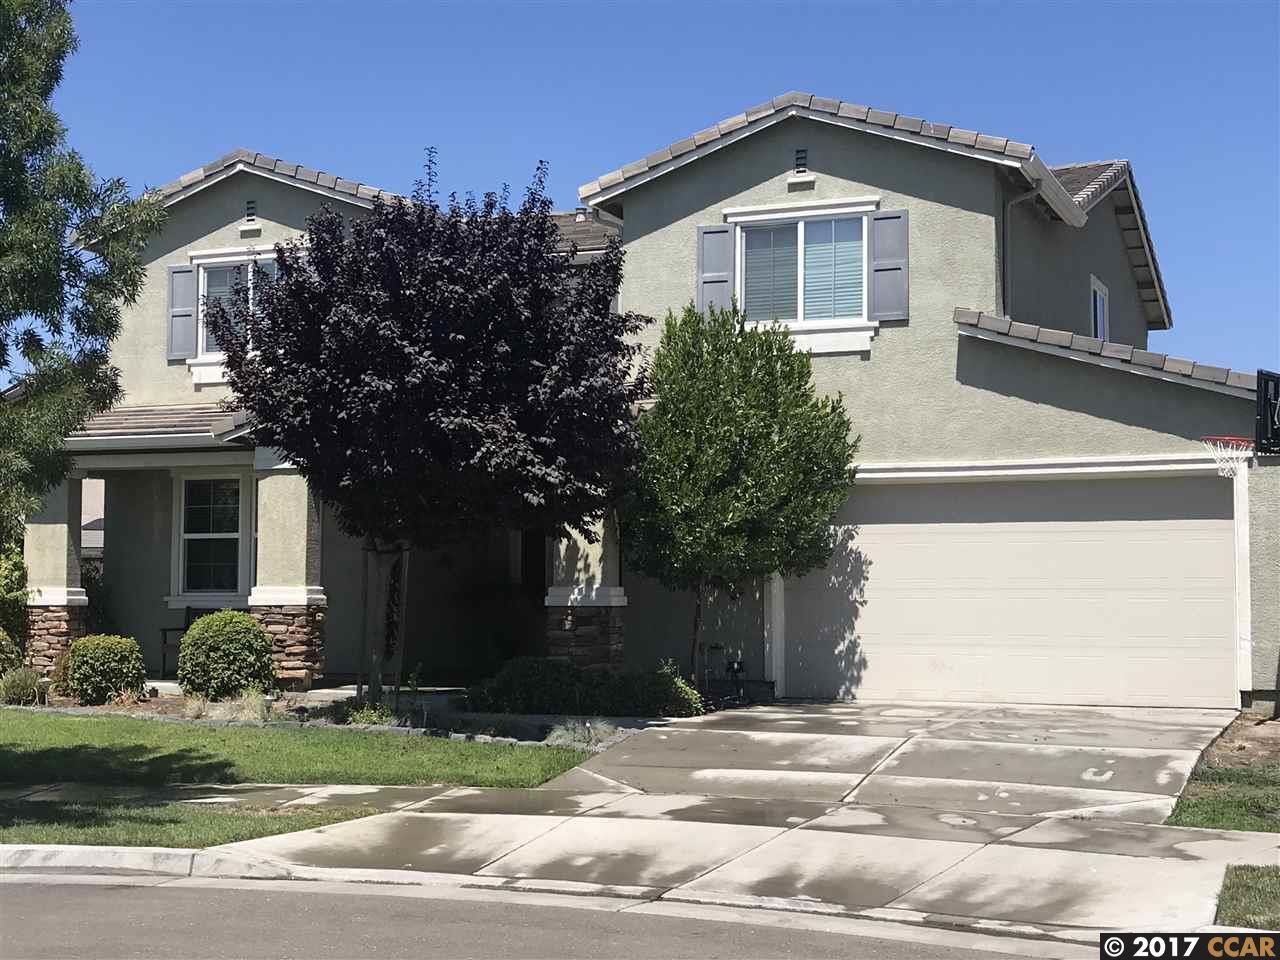 一戸建て のために 売買 アット 15835 Four Corners Court 15835 Four Corners Court Lathrop, カリフォルニア 95330 アメリカ合衆国